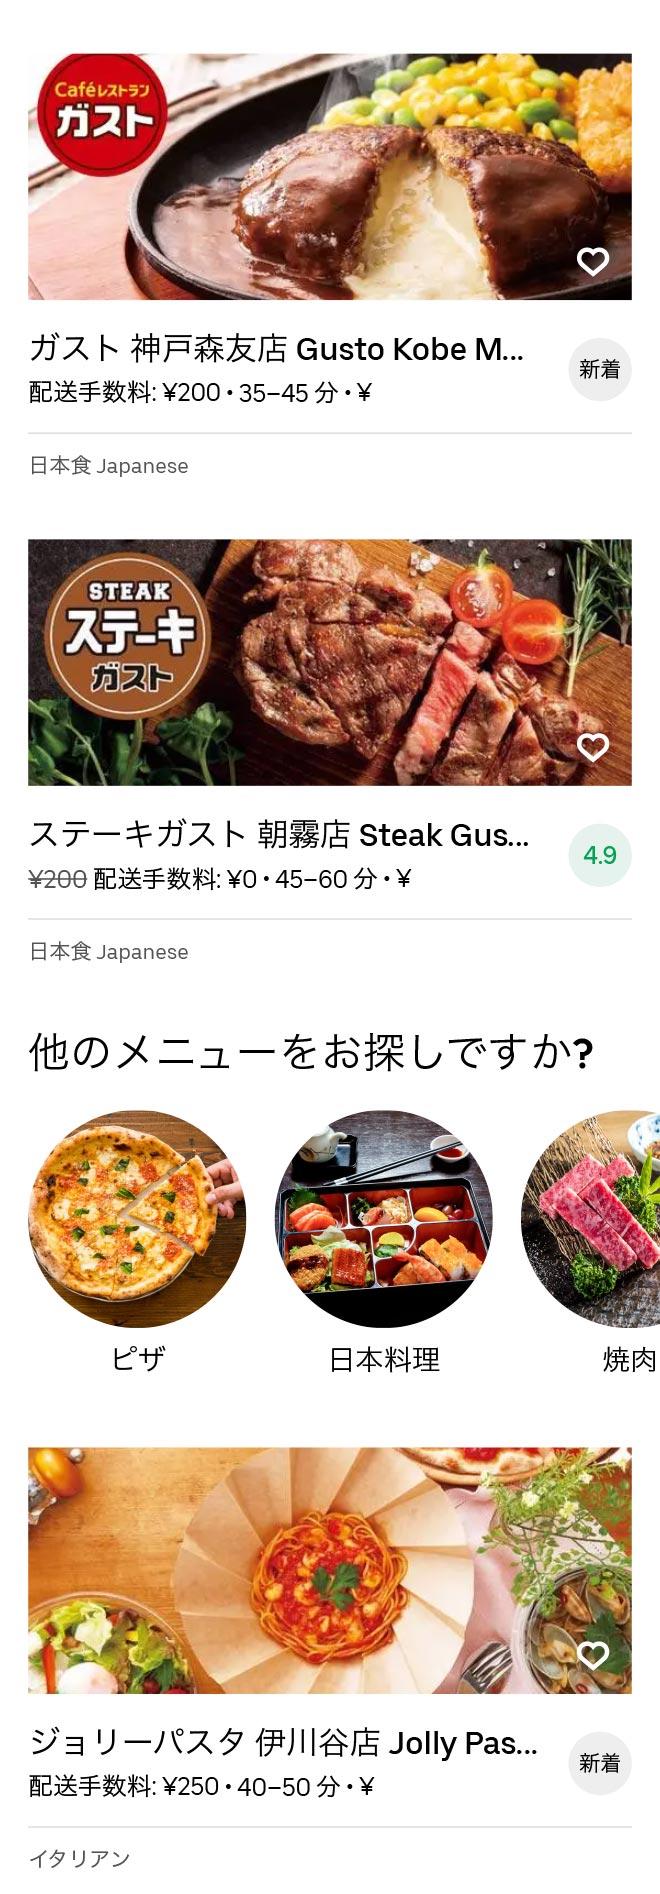 Sanyo akashi menu 2010 06